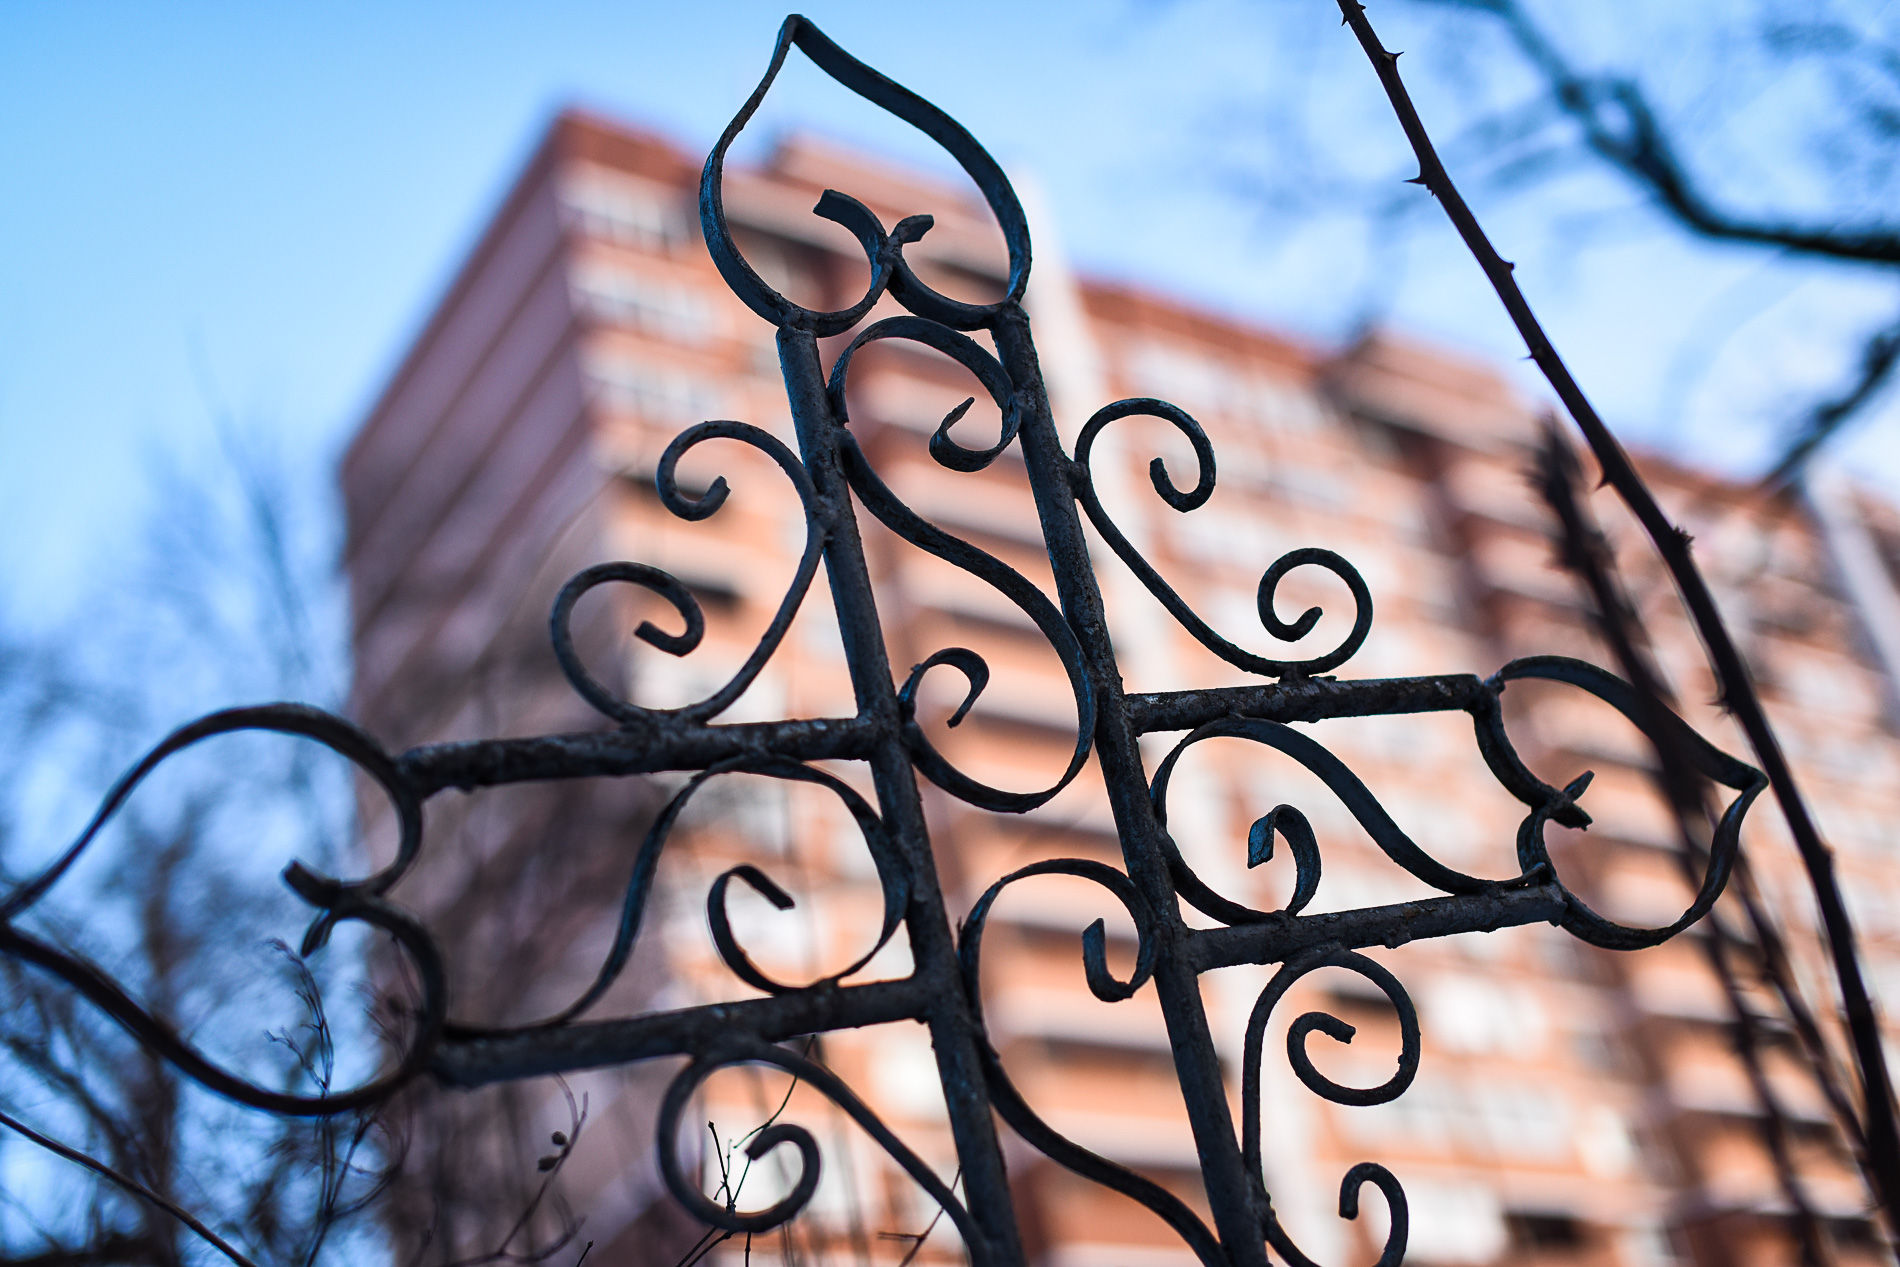 ВСоветском районе Ставрополья схвачен кладбищенский мошенник Ставрополье